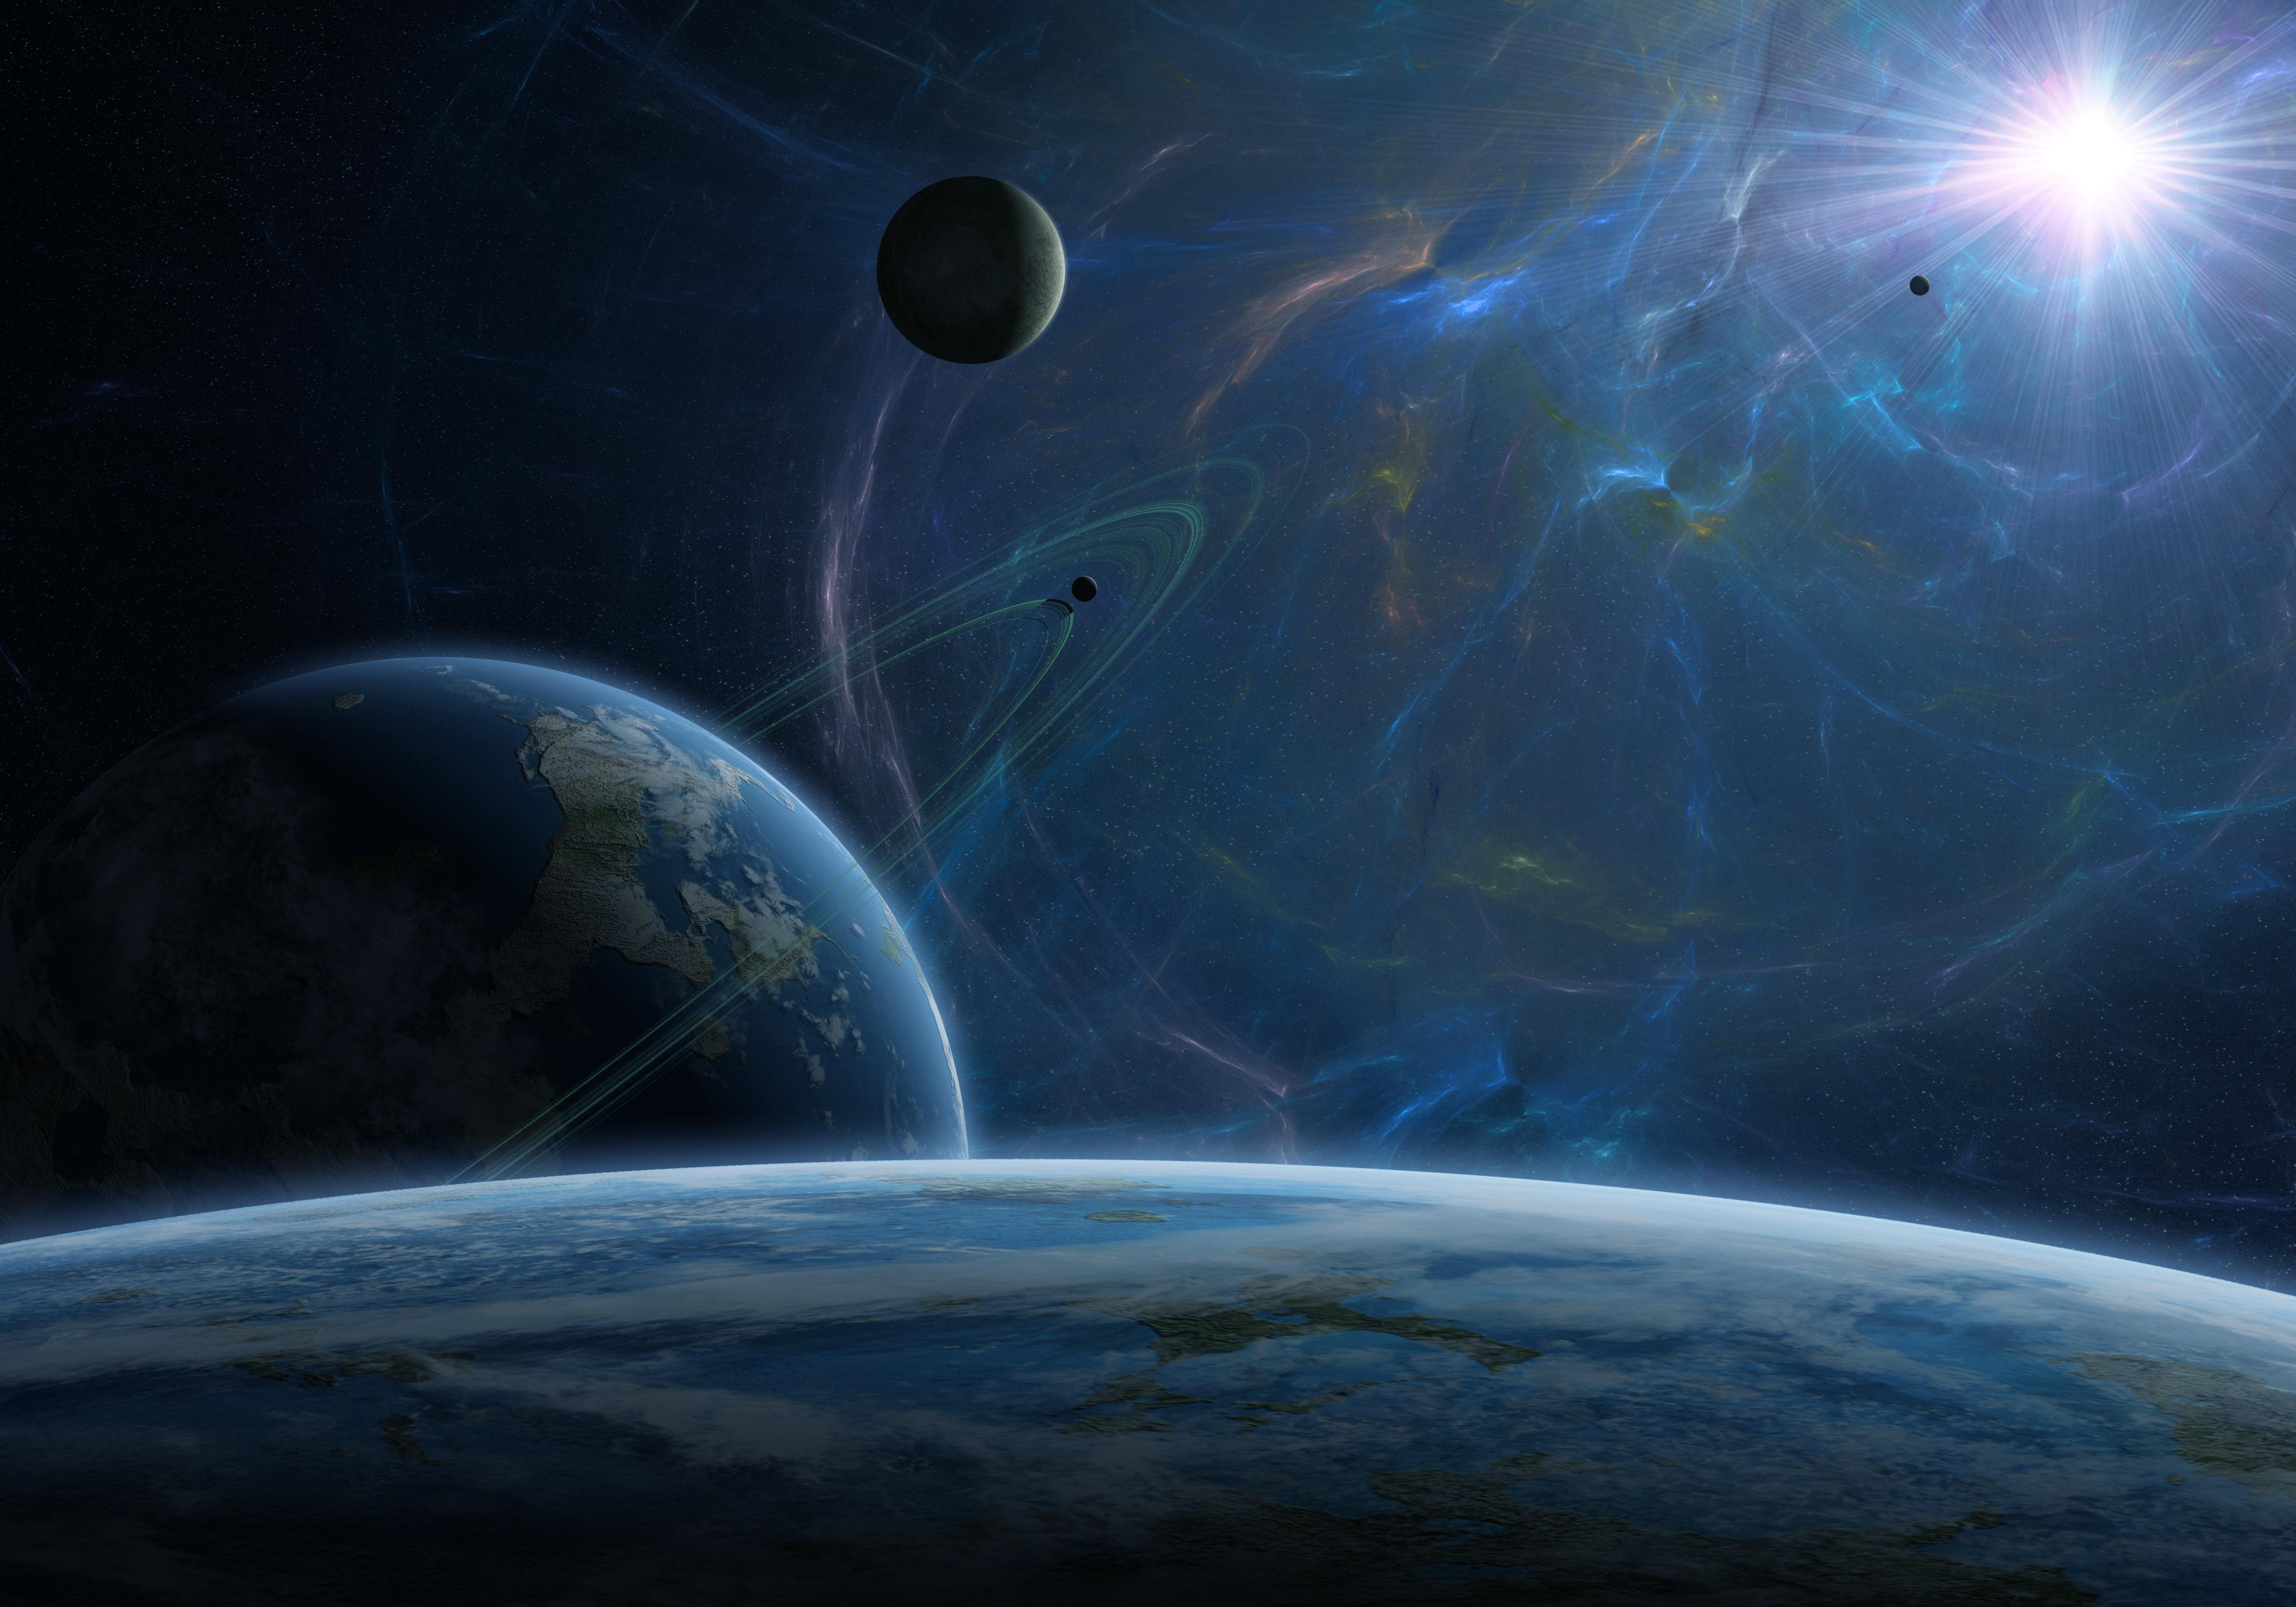 Обои Темная планета картинки на рабочий стол на тему Космос - скачать  № 1763027  скачать